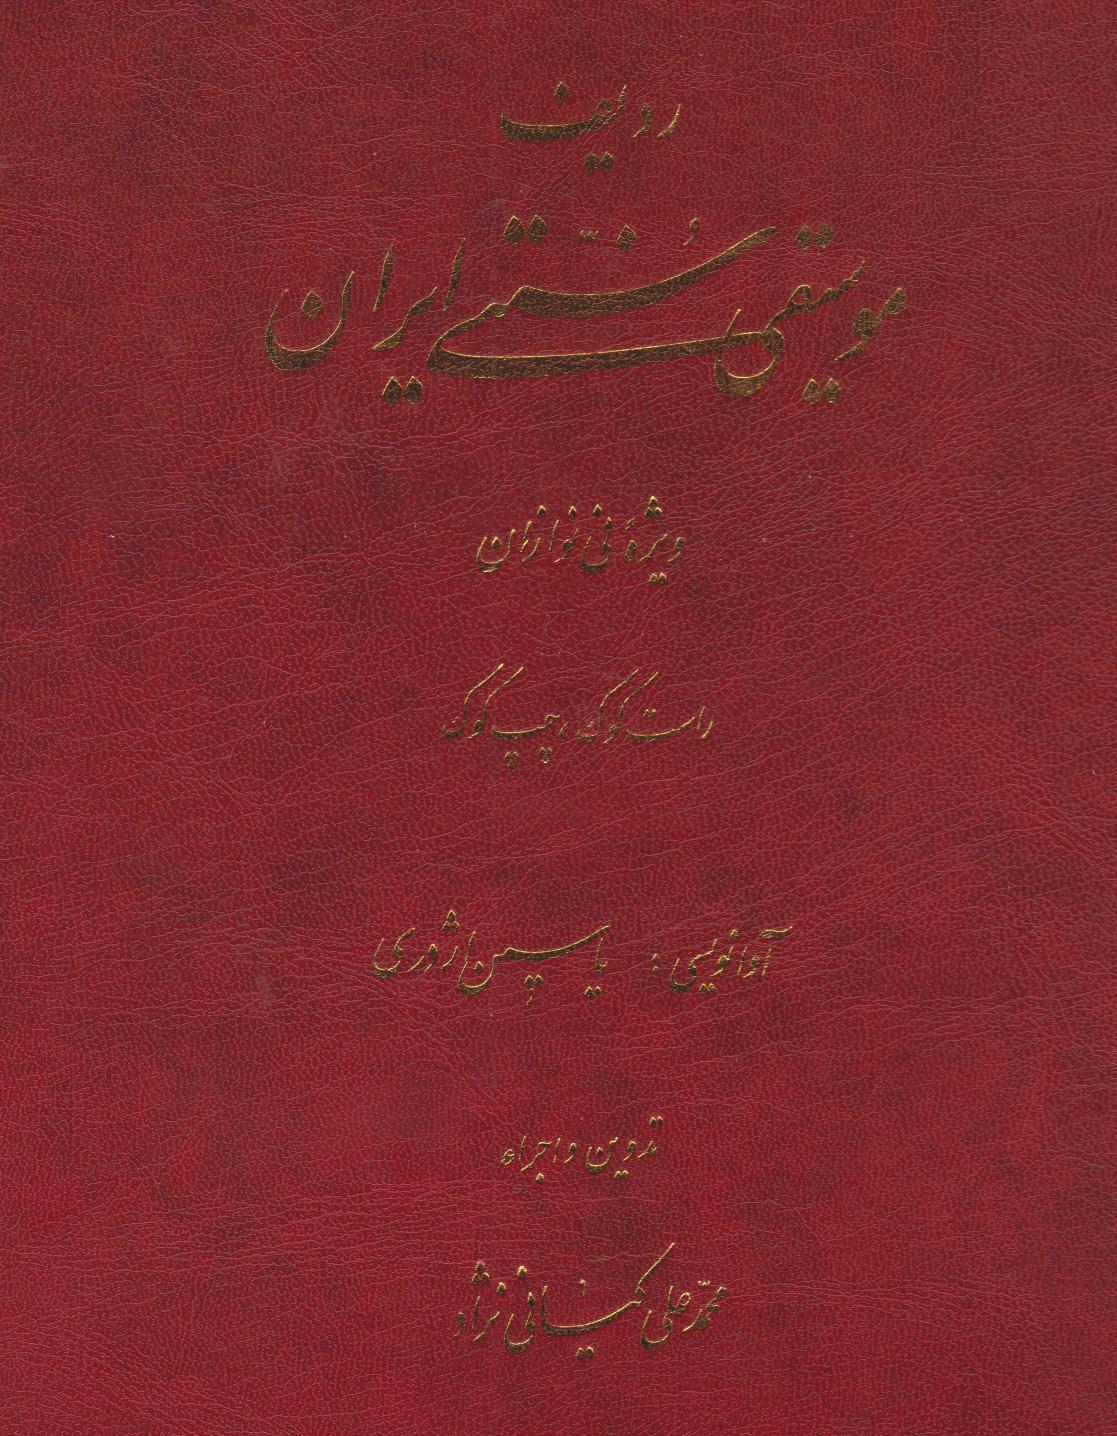 کتاب ردیف موسیقی سنتی ایران ویژه نینوازان محمدعلی کیانینژاد انتشارات هنرسرای جوان